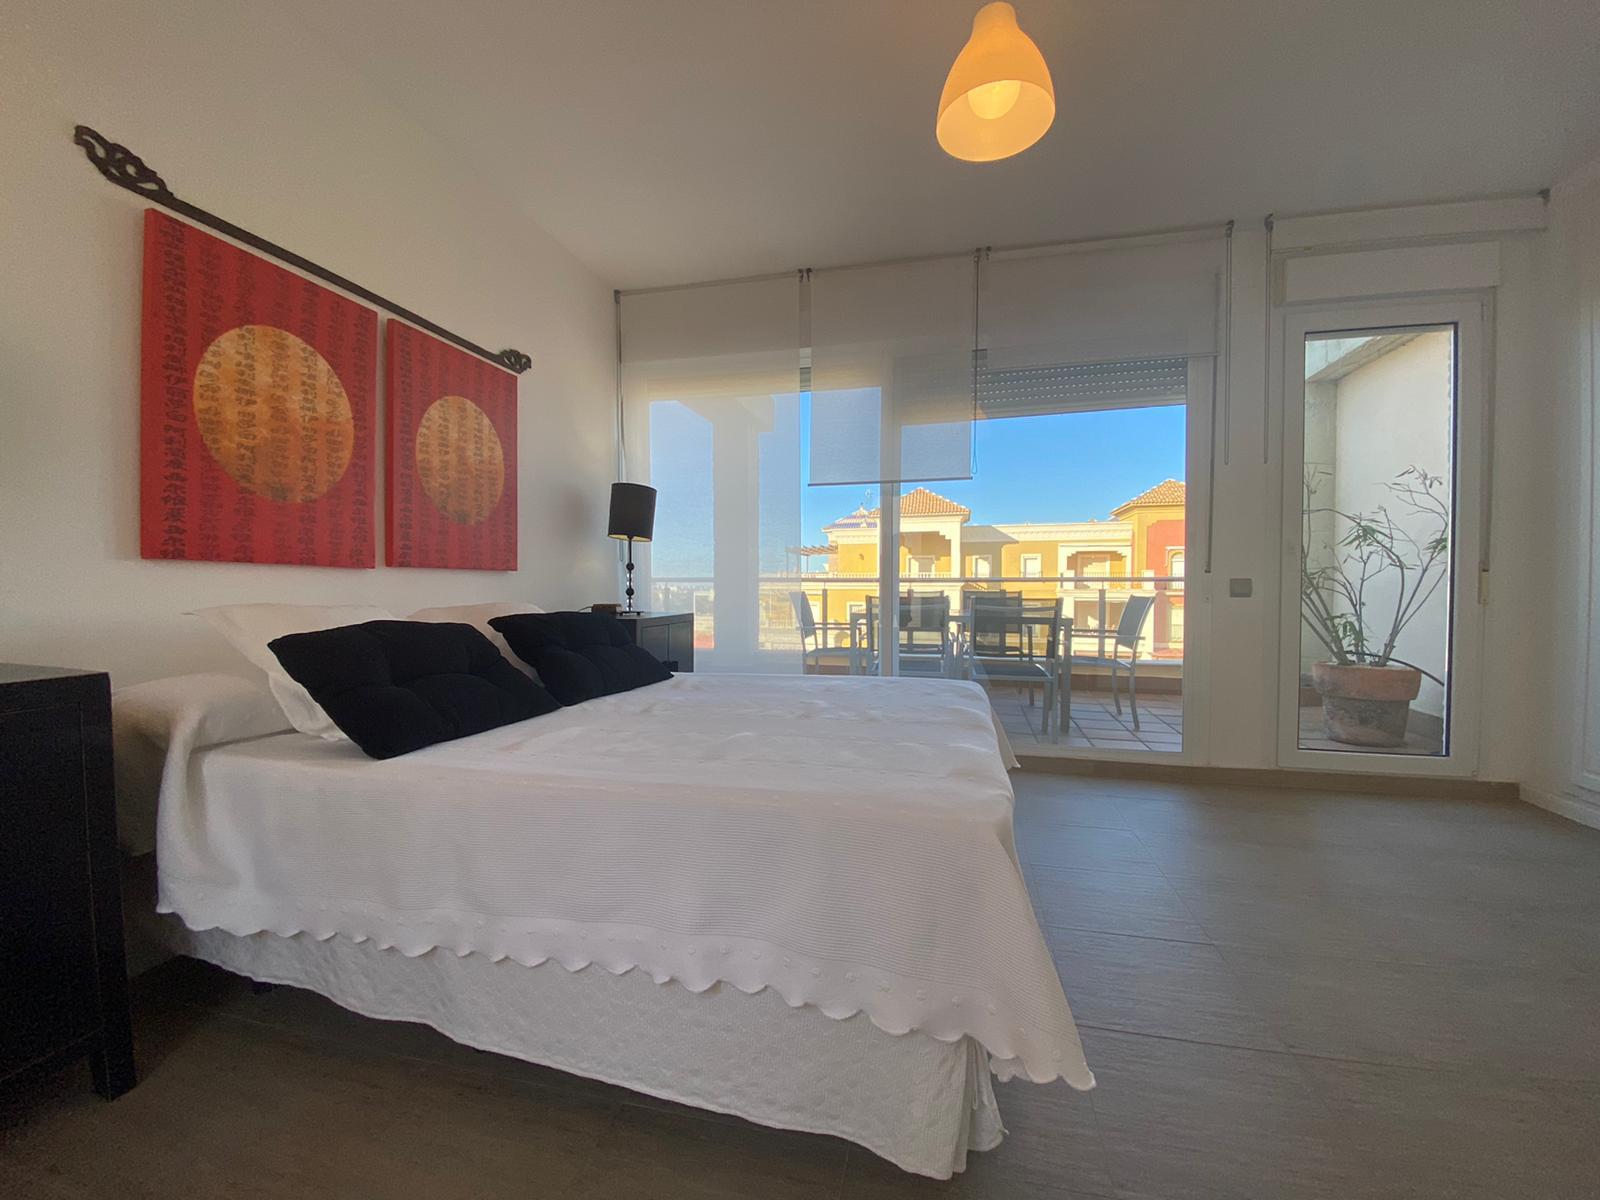 Imagen 27 del Apartamento Turístico, Ático 6 Levante (3d+2b), Punta del Moral (HUELVA), Paseo de la Cruz nº22